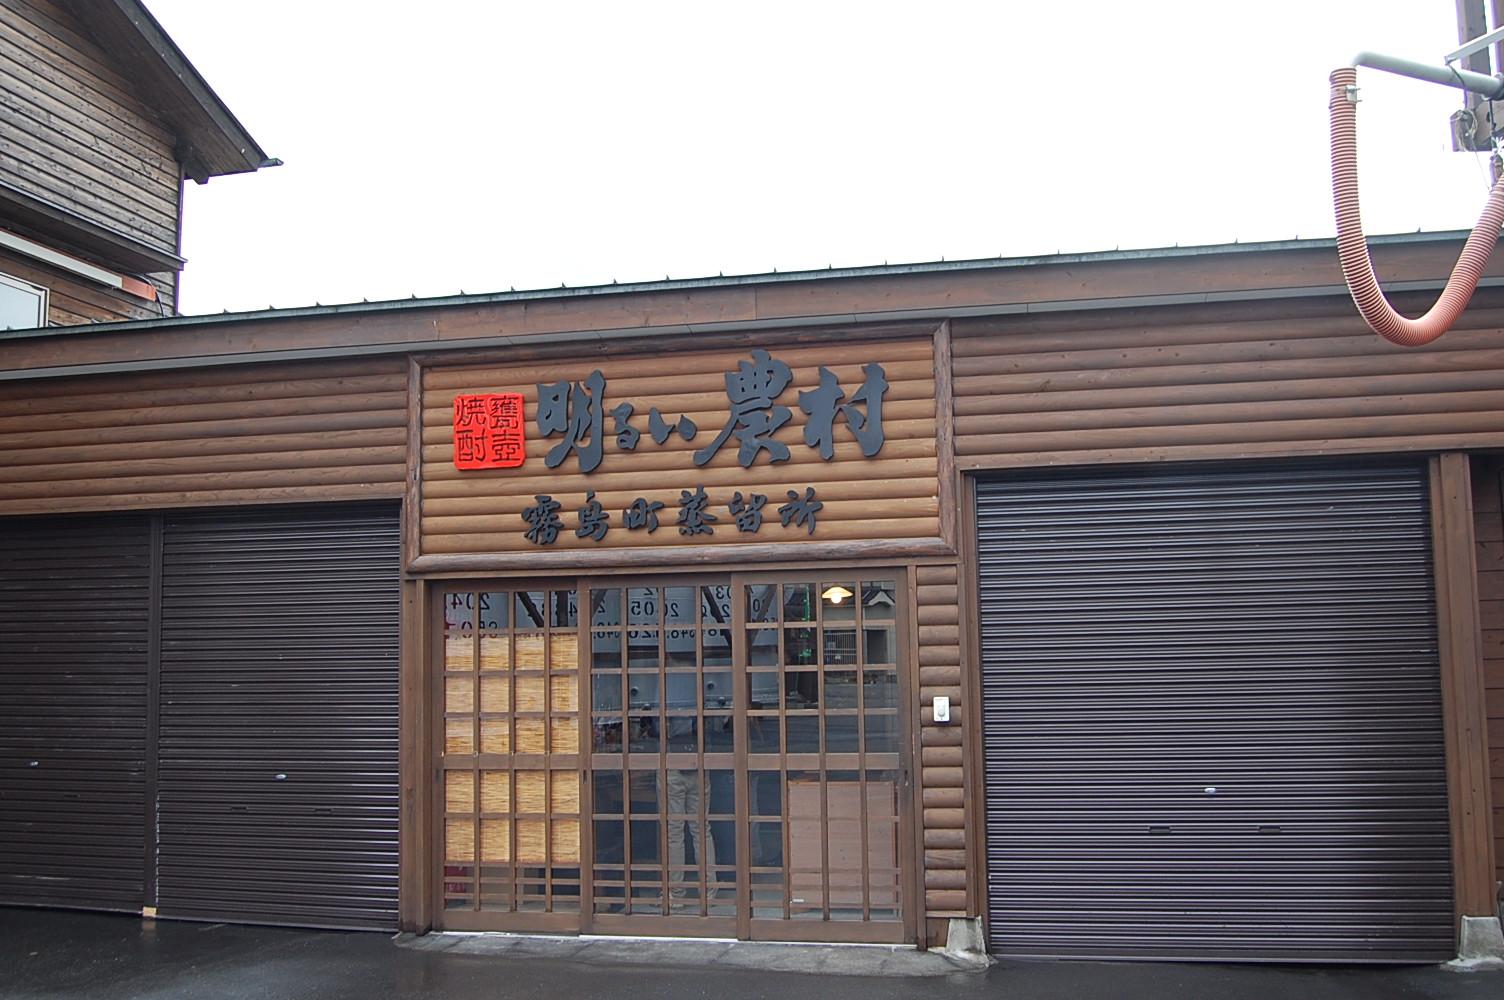 シチリア人日本滞在記 九州 その弐 バゥ_d0084229_1954790.jpg